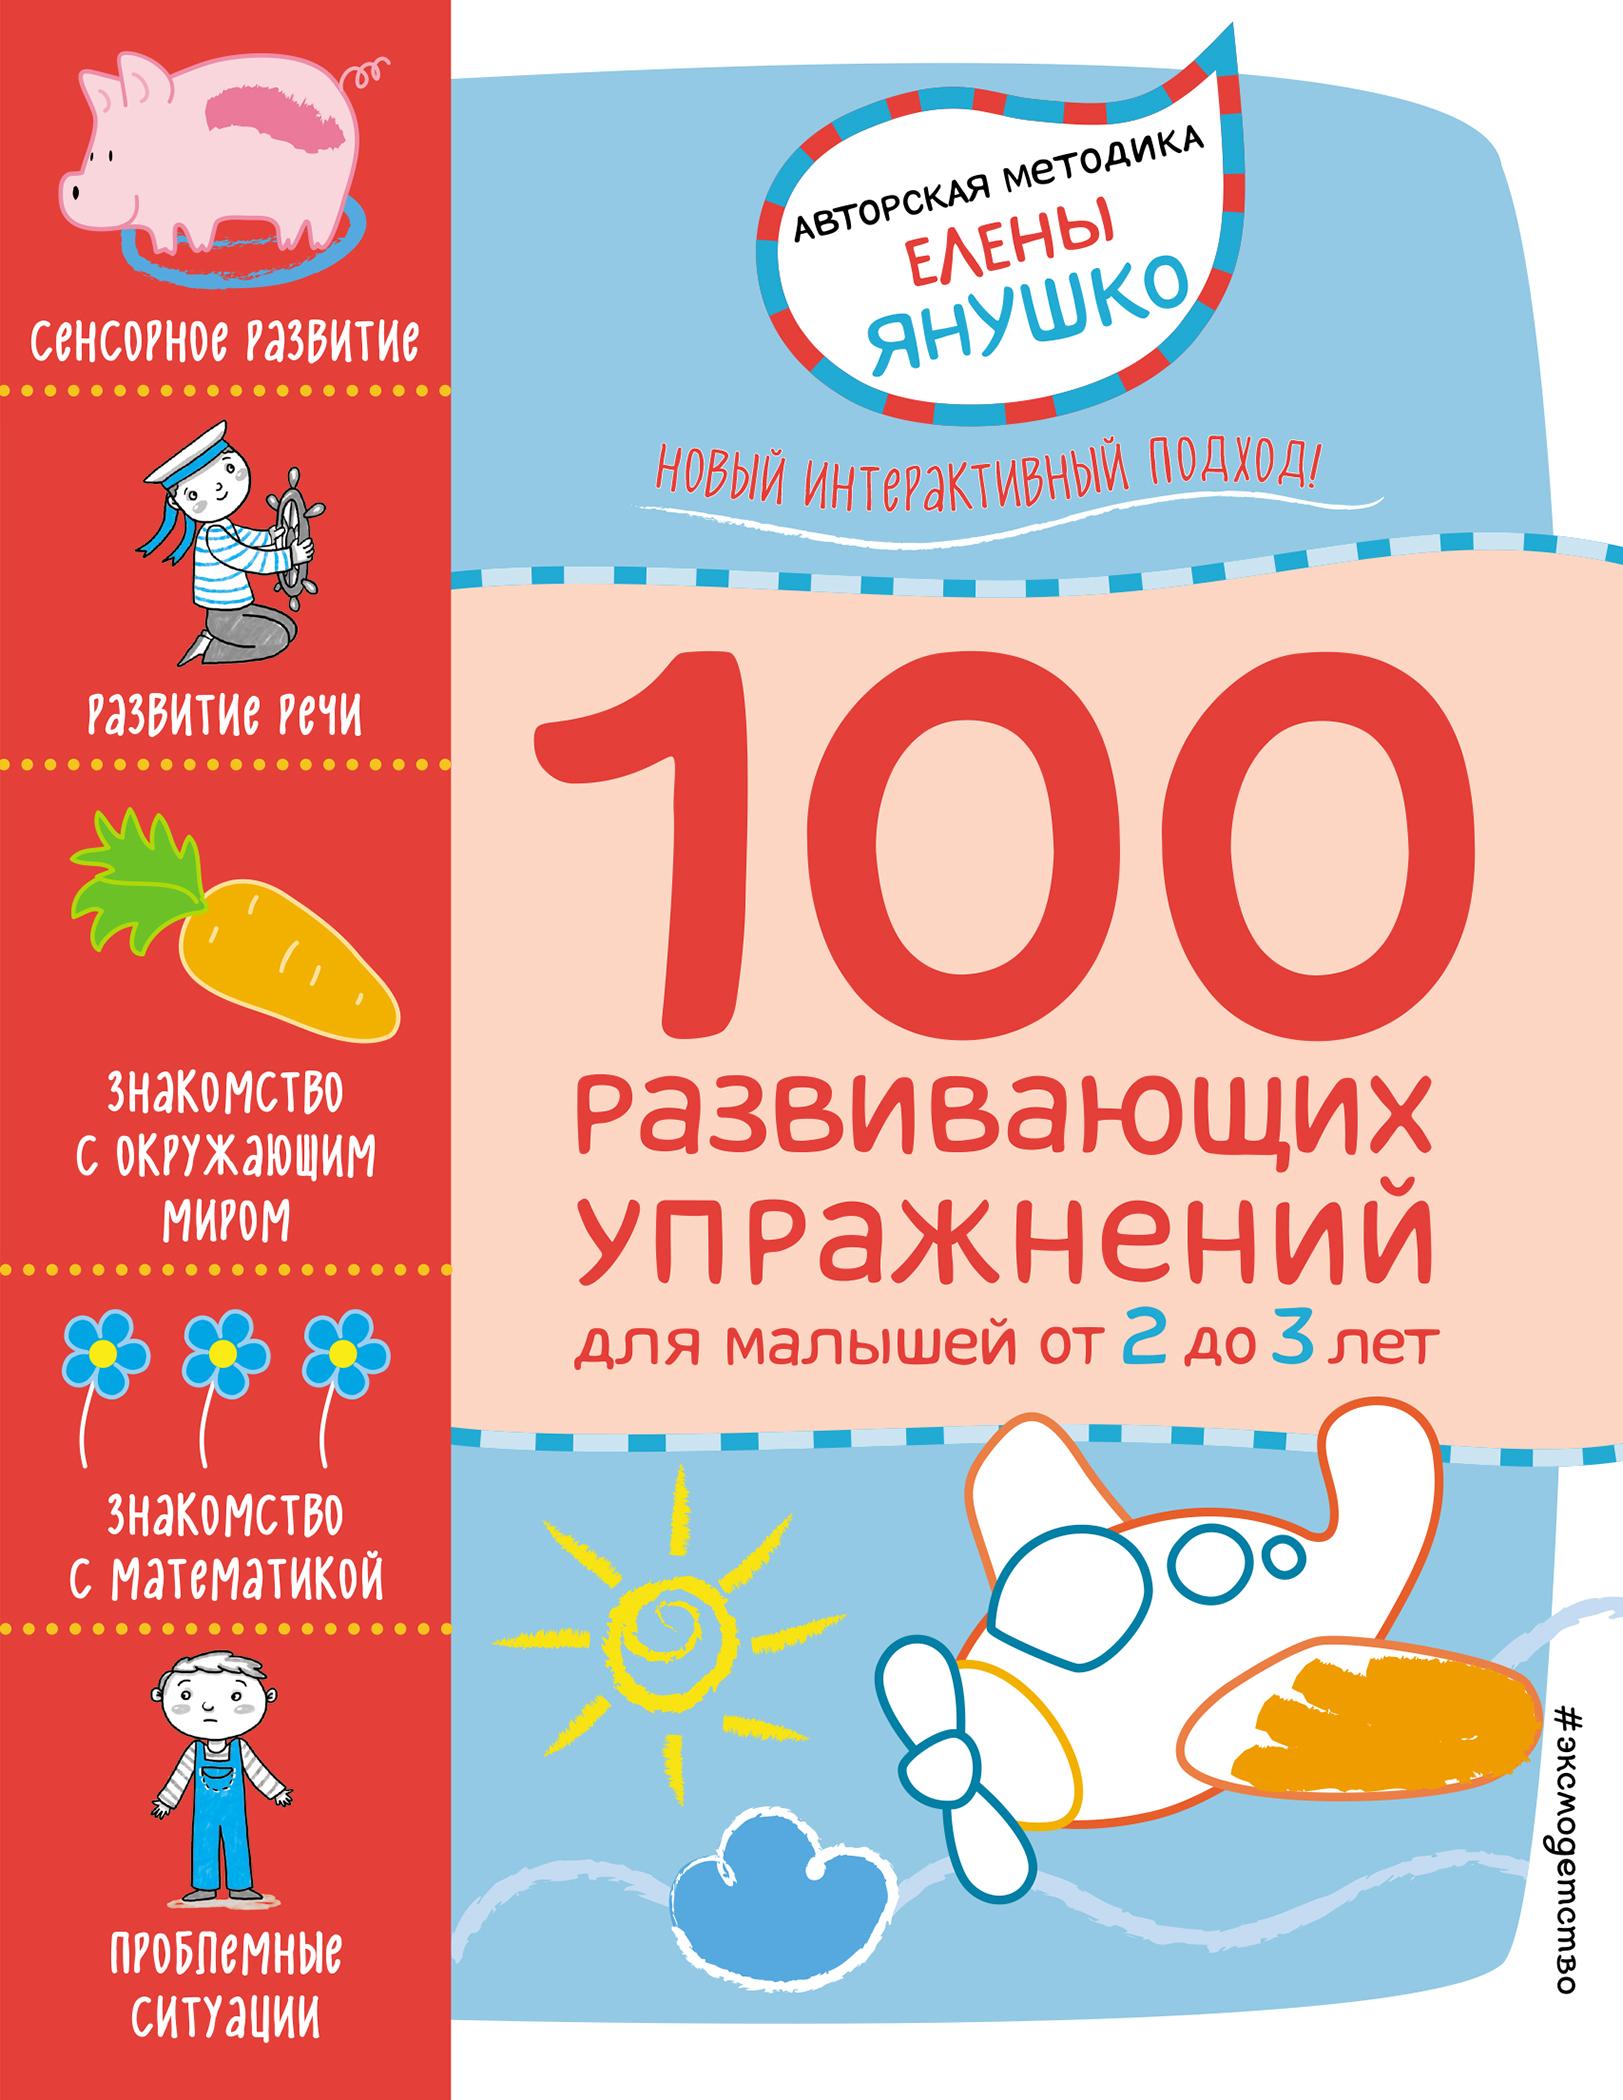 Елена Янушко 2+ 100 развивающих упражнений для малышей от 2 до 3 лет